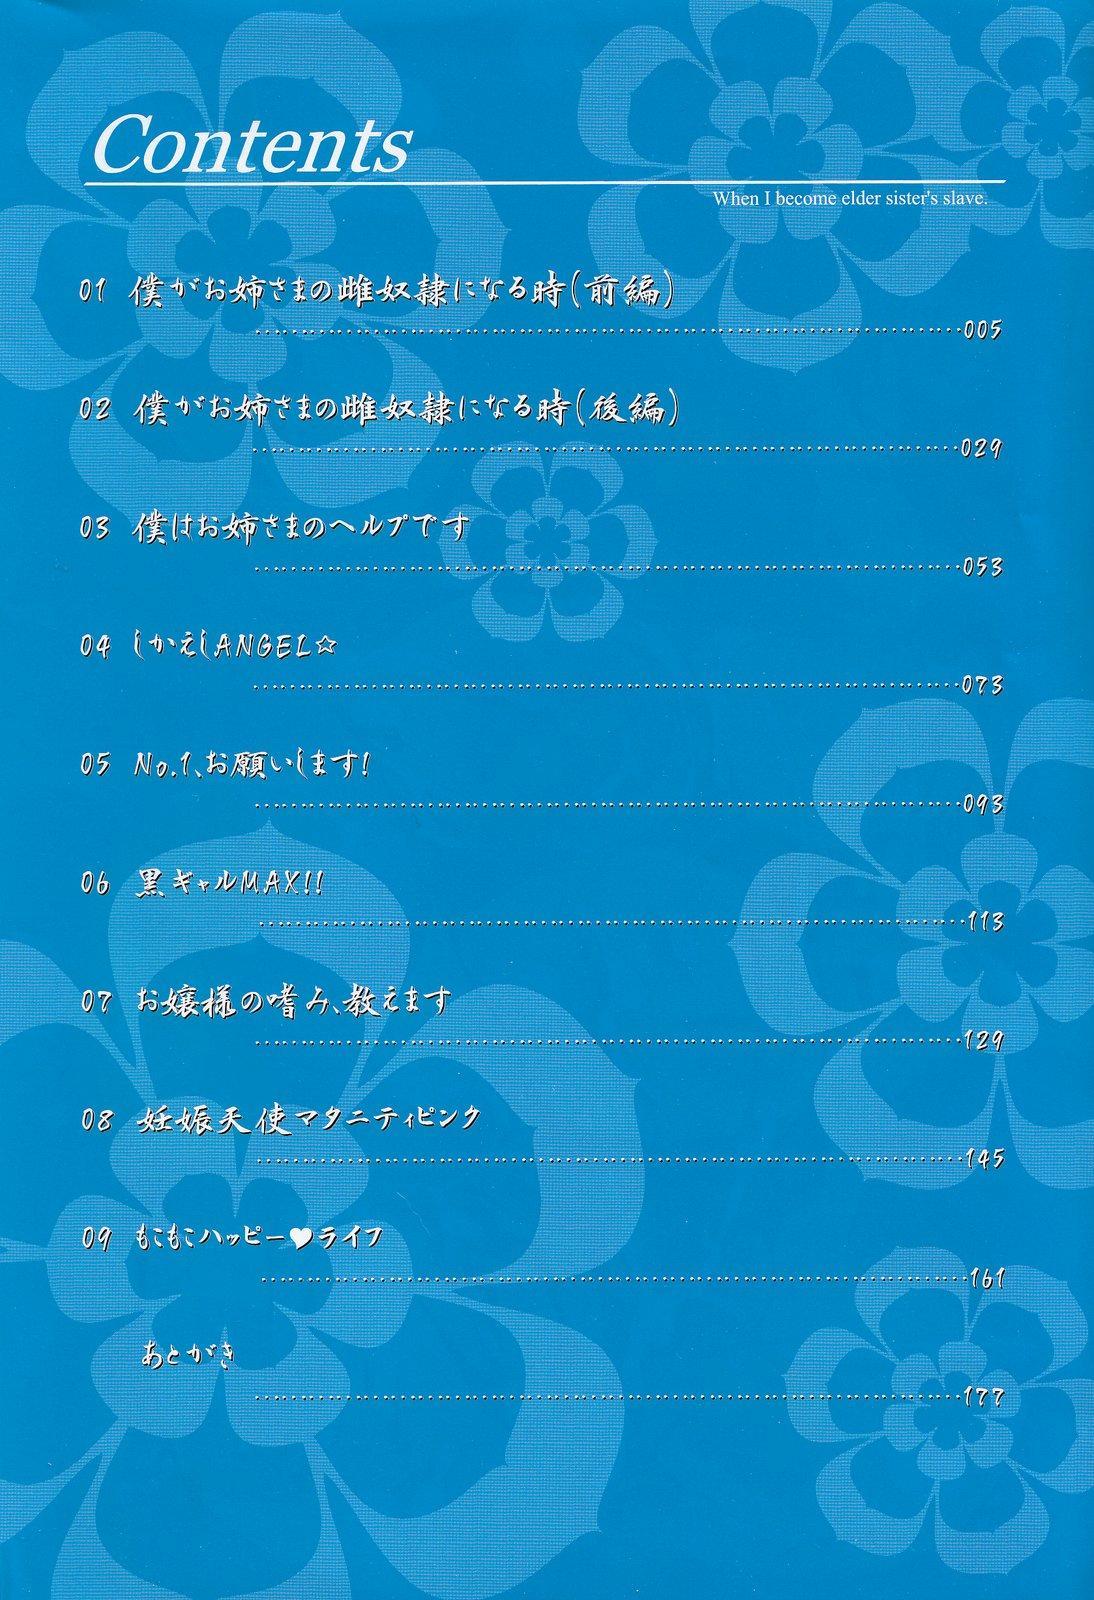 Boku ga Onee-sama no Mesu Dorei ni Narutoki 3